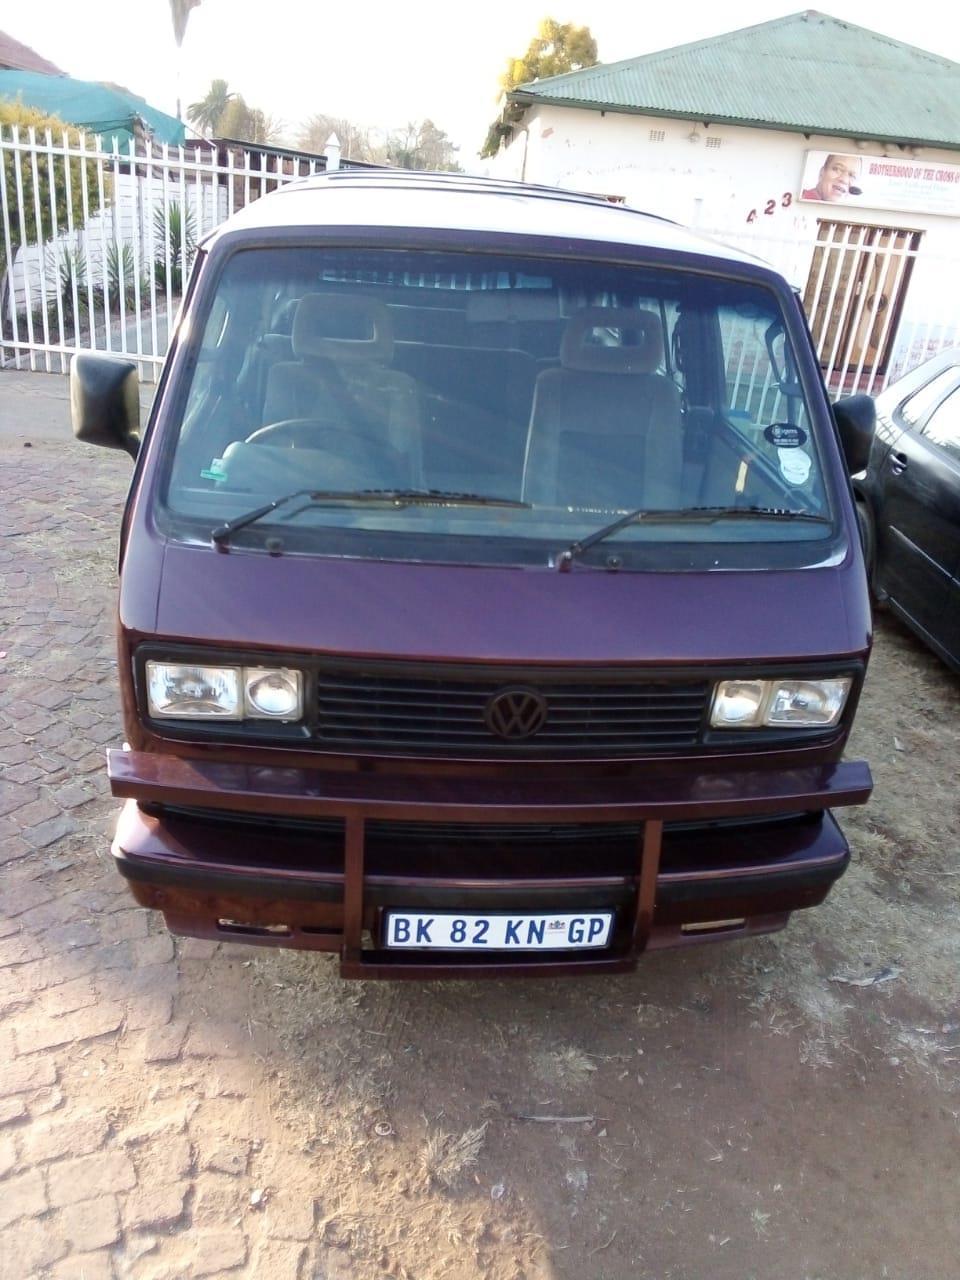 1996 VW Microbus 2.0TDI 75kW LWB